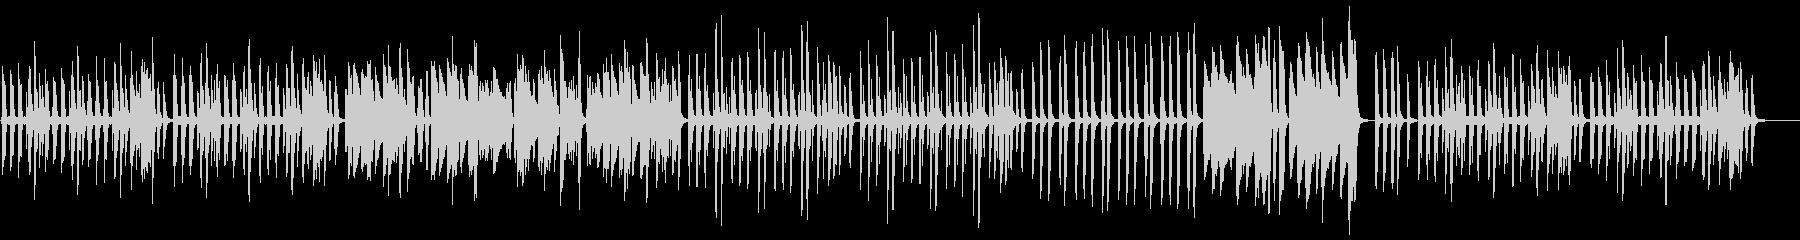 リズミカルでキラキラしたピアノの未再生の波形